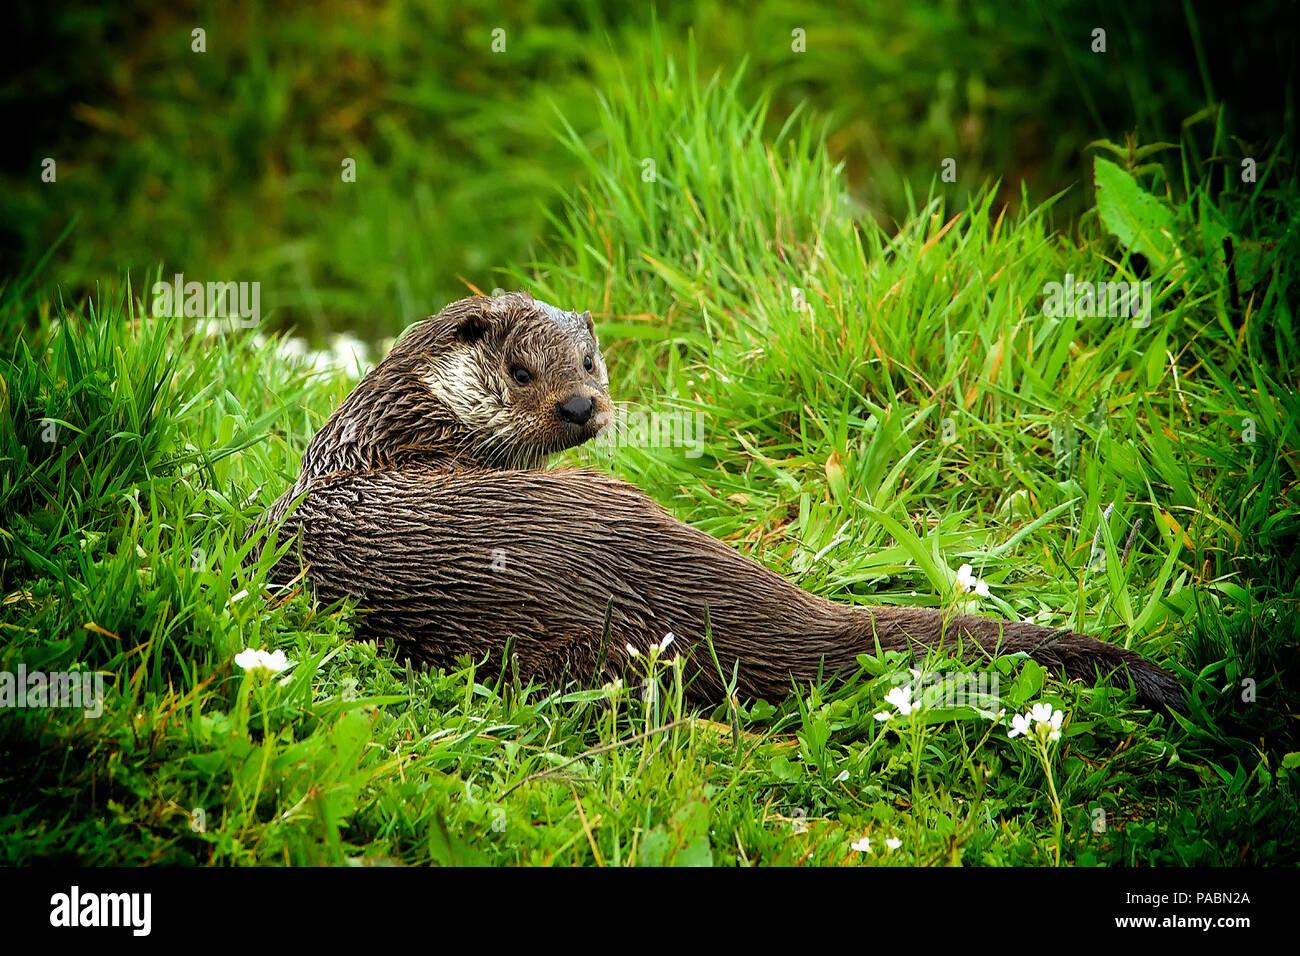 Unión nutria (Lutra lutra) con wet fur descansando en la orilla de un río y mirando hacia la cámara (con viñetas) Foto de stock